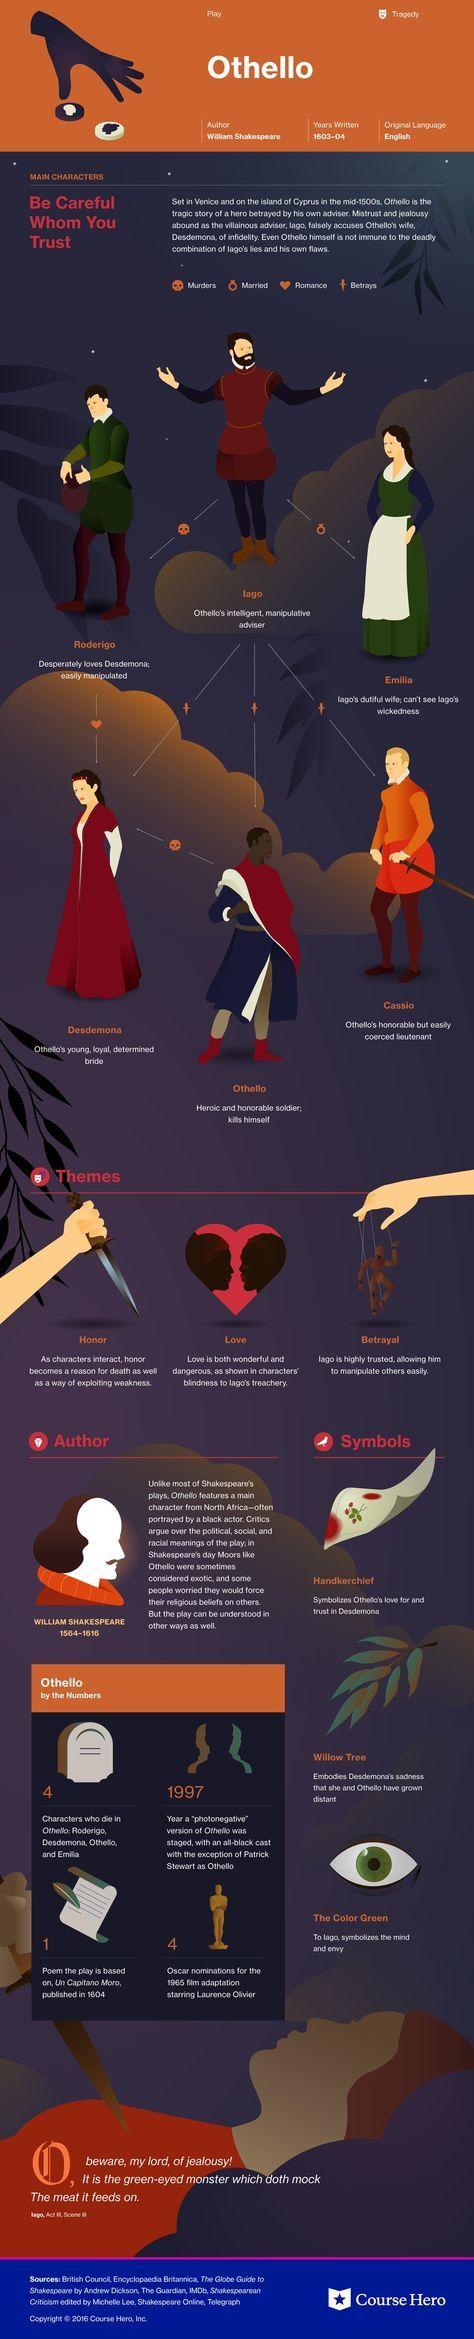 Othello Infographic | Course Hero